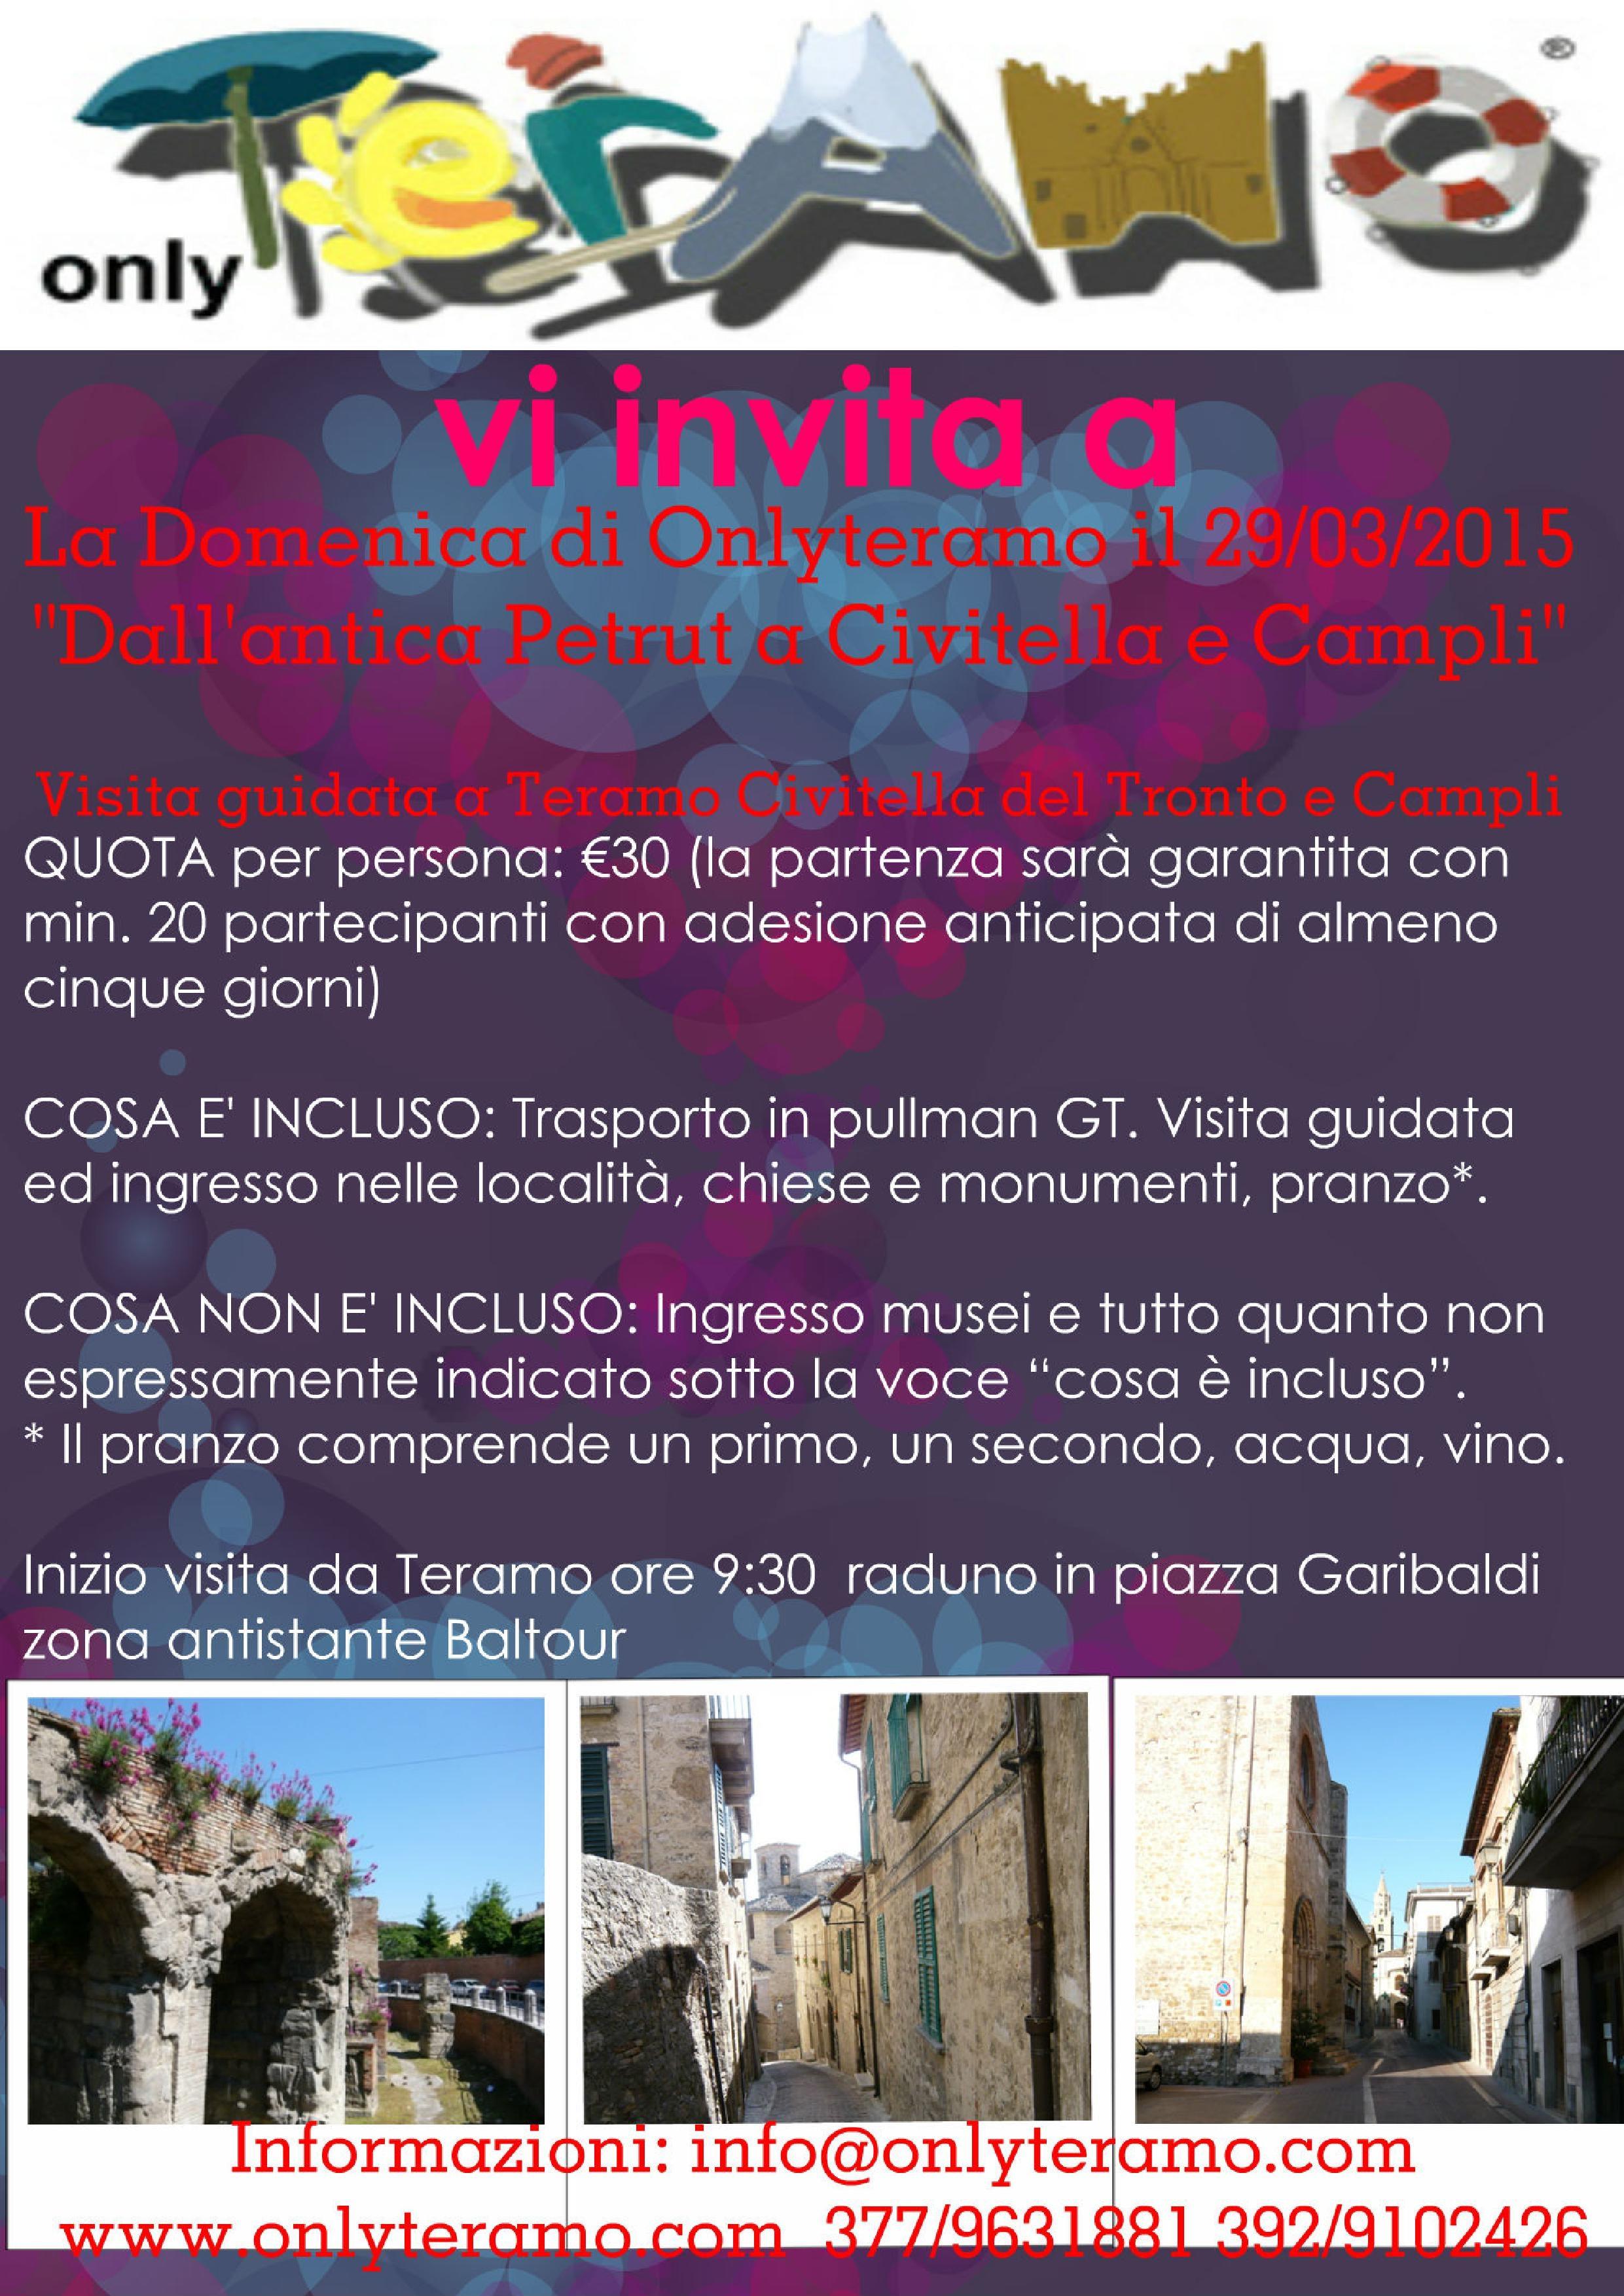 """"""" La Domenica di Onlyteramo"""" il 29/03/2015"""